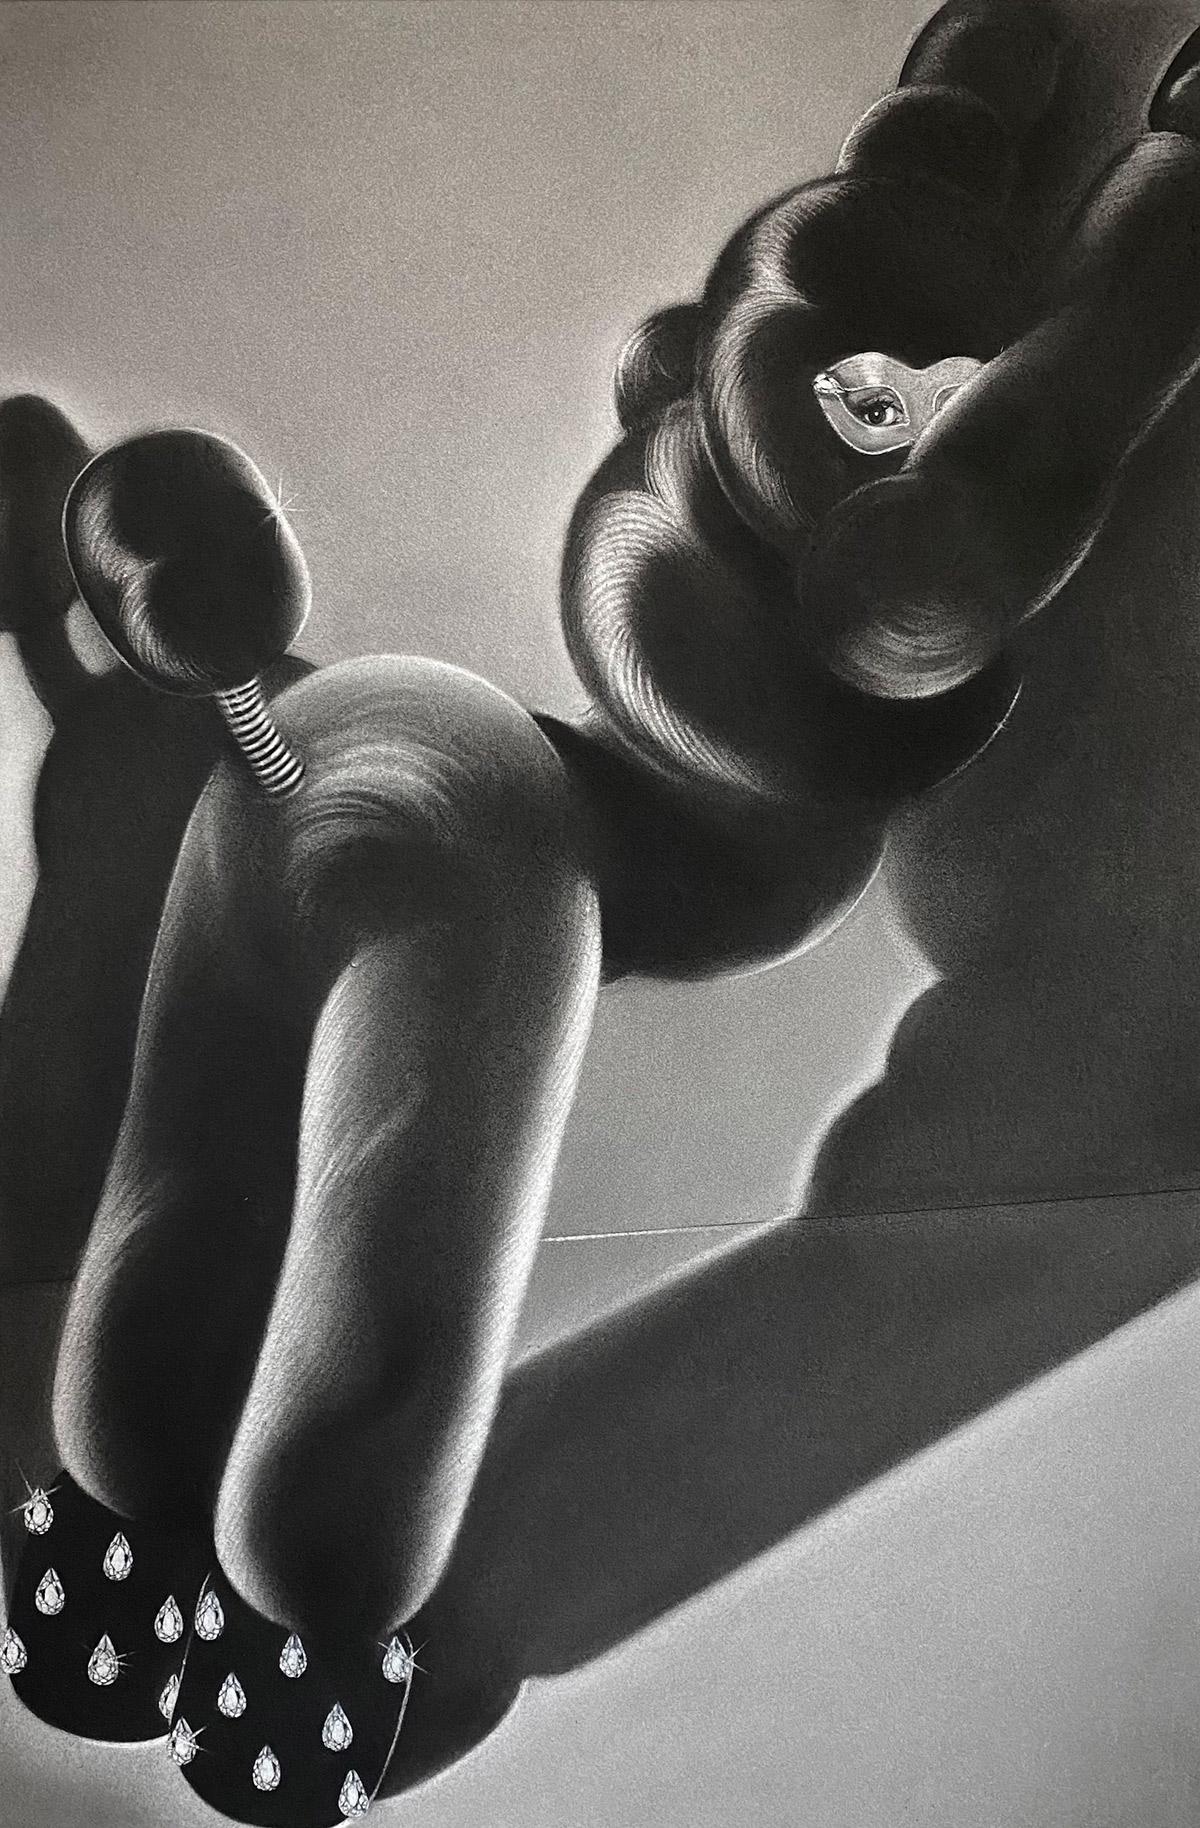 Duo Artístico Velvet Other World (VOW) Artes & contextos VOW2